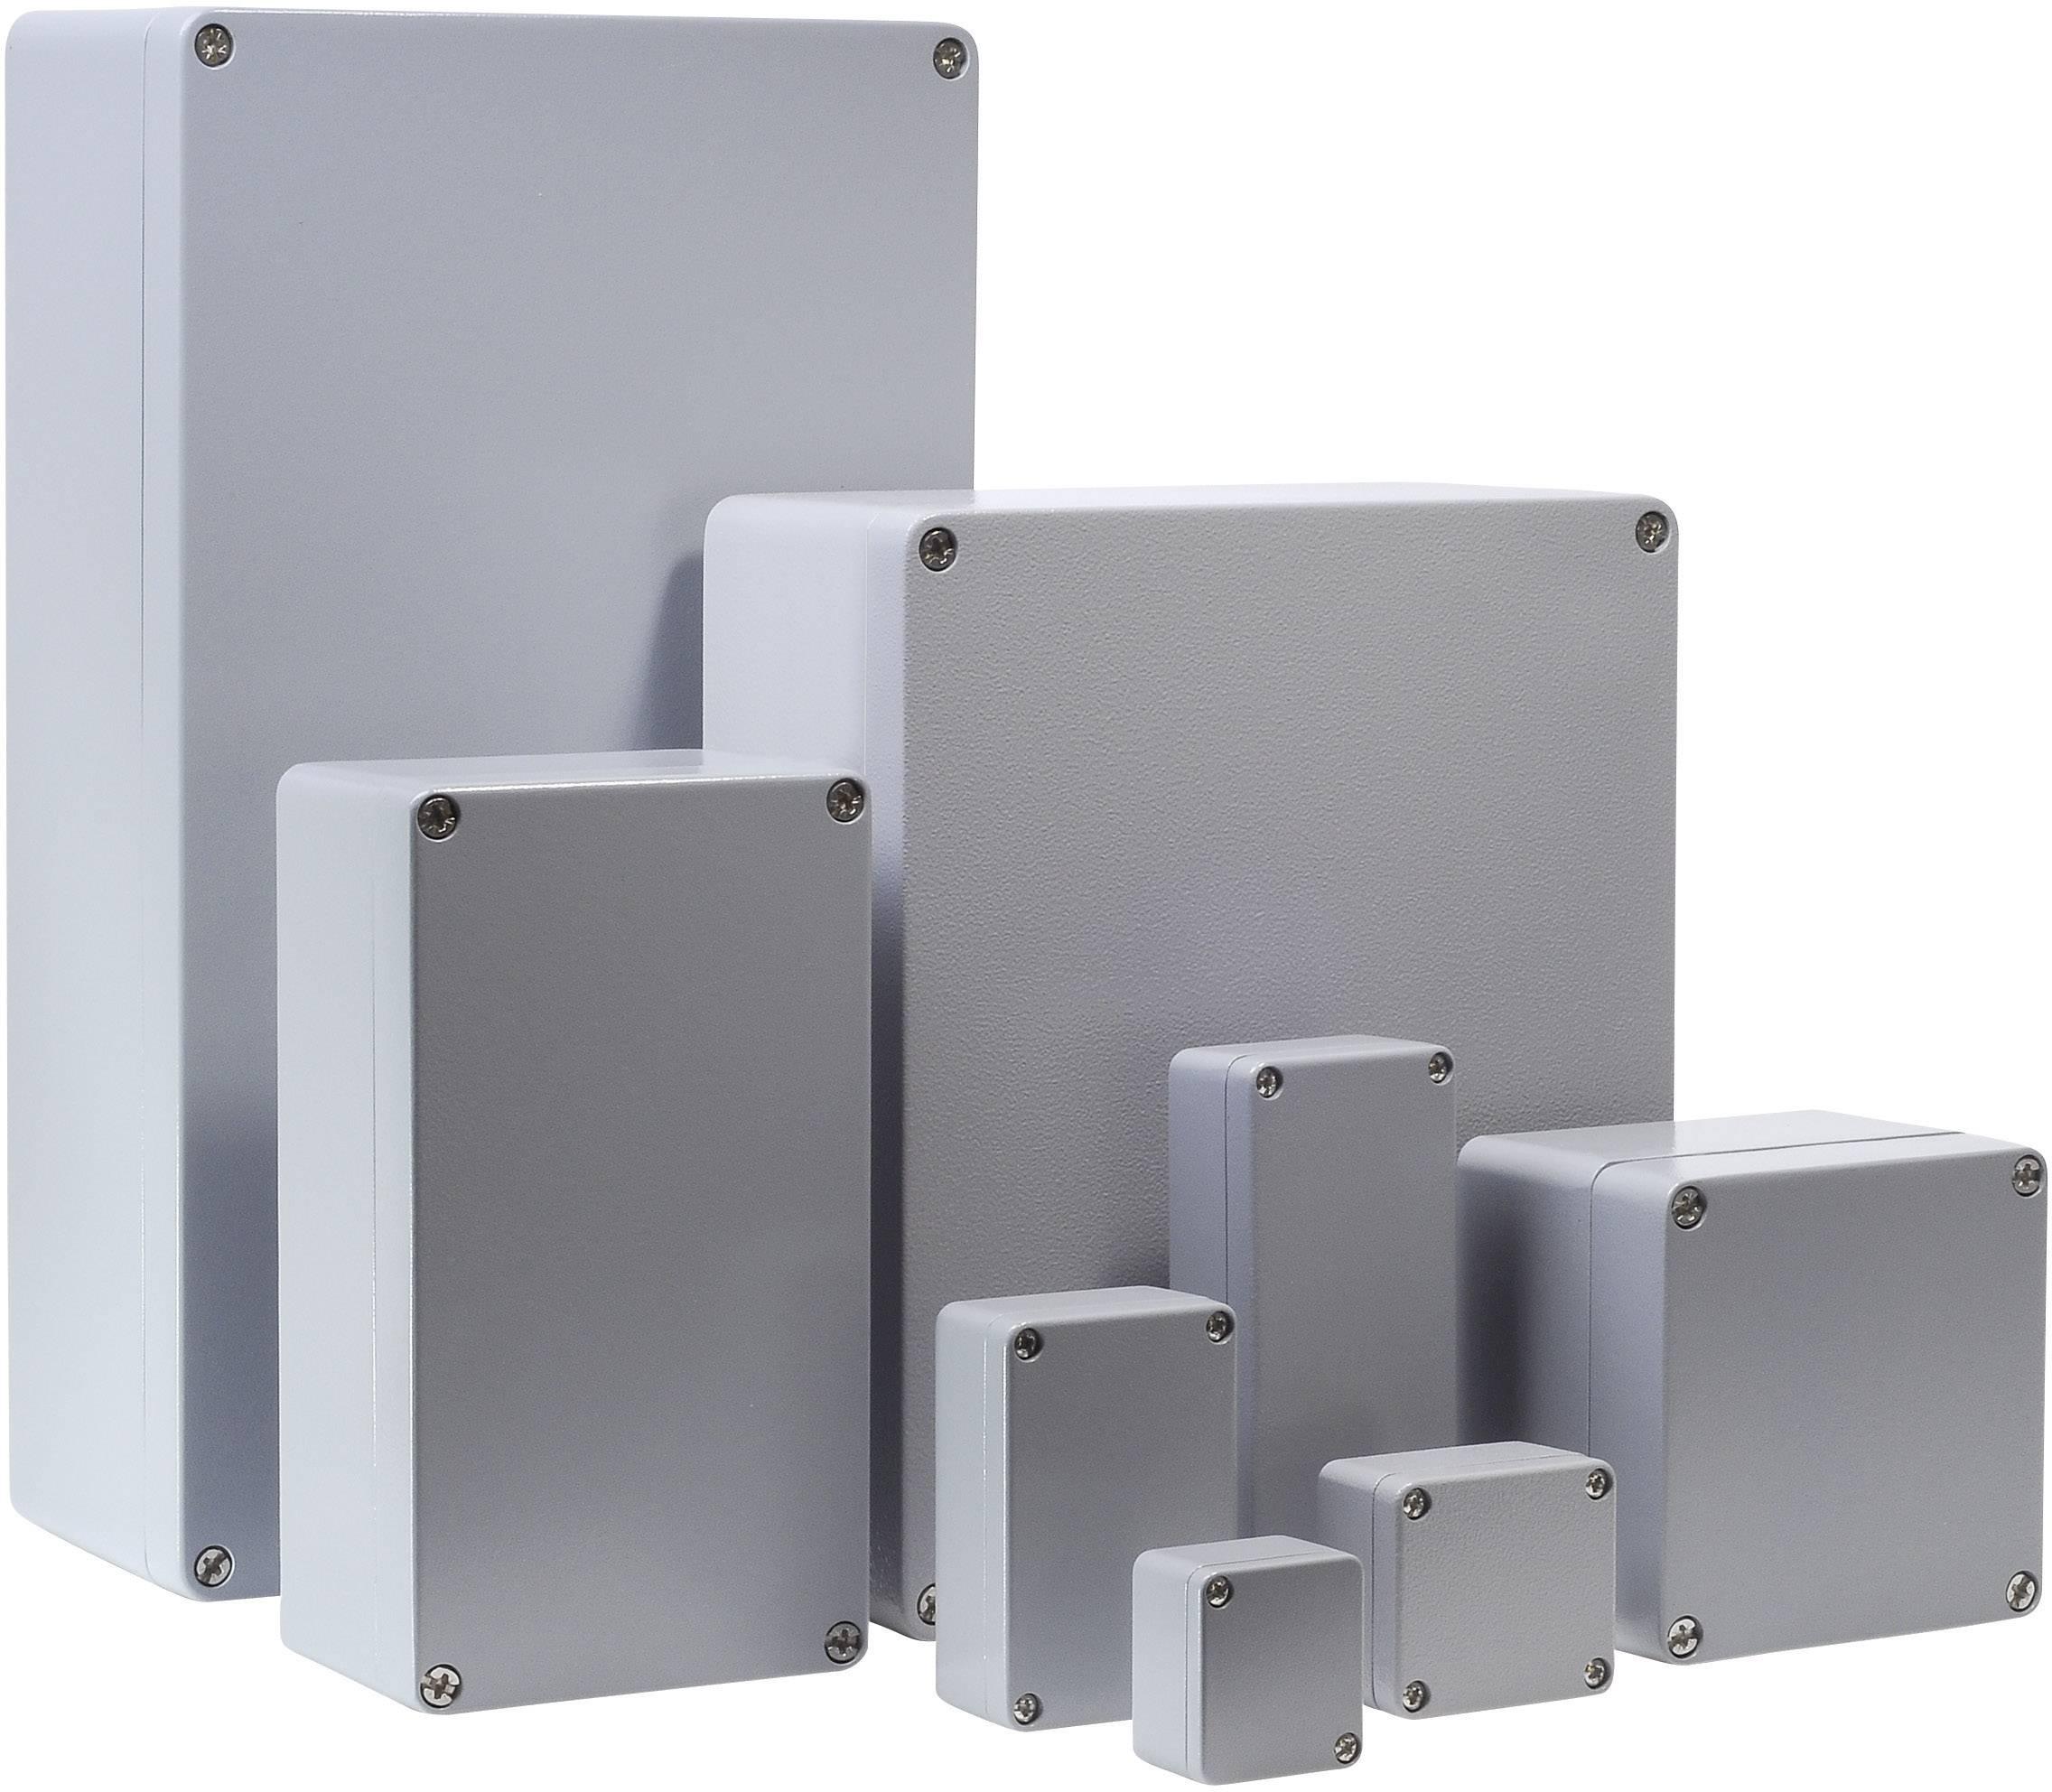 Univerzální pouzdro hliníkové Bernstein AG CA-290, (d x š x v) 260 x 160 x 90 mm, stříbrná